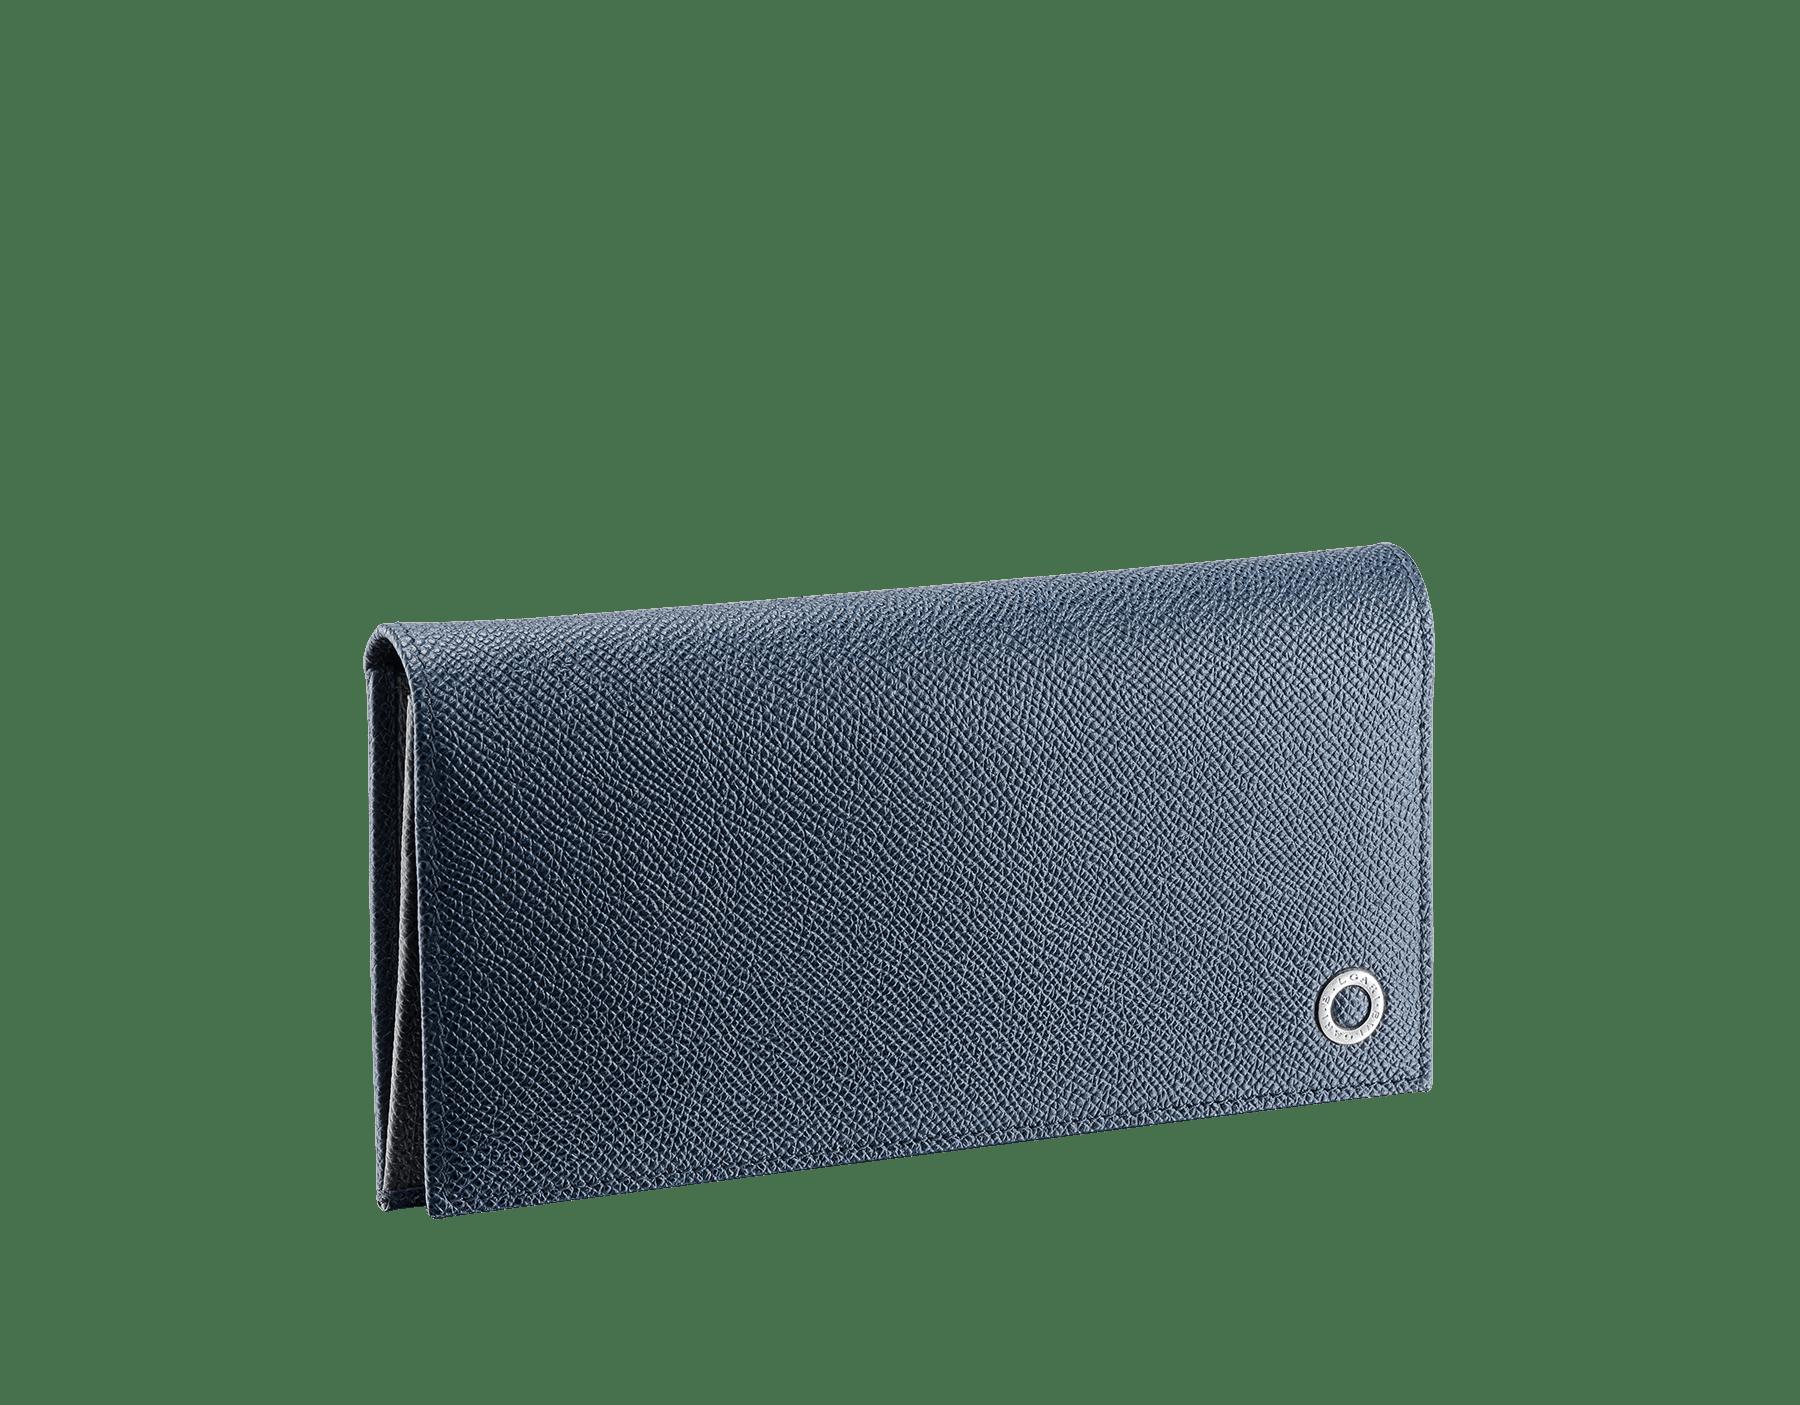 Long portefeuille international en cuir de veau grainé couleur Denim Sapphire et Charcoal Diamond avec doublure en cuir nappa bleu ardoise, éléments métalliques en laiton et motif BVLGARIBVLGARI. 289164 image 1